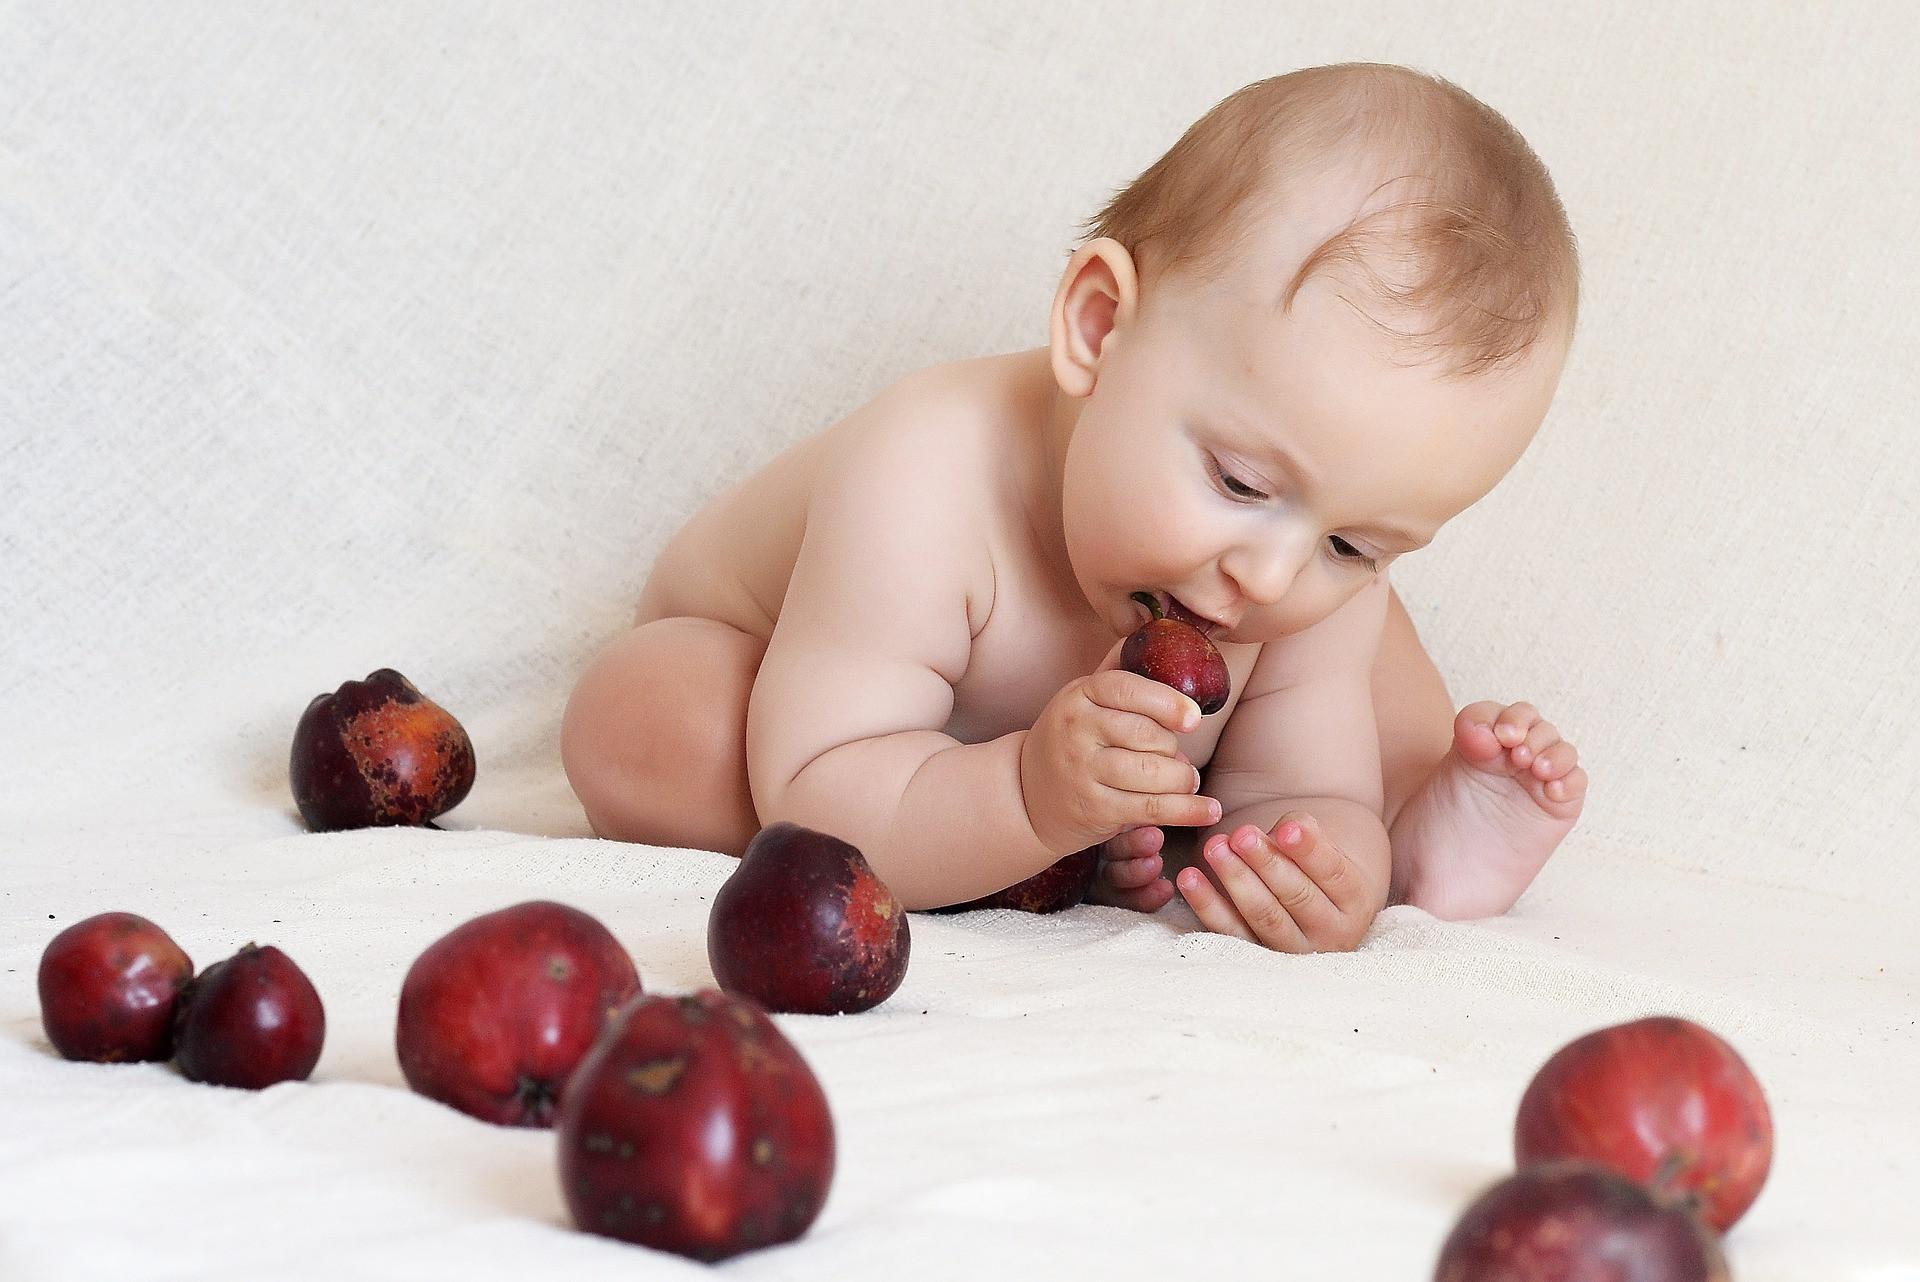 Méthode DME pour favoriser l'autonomie du bébé